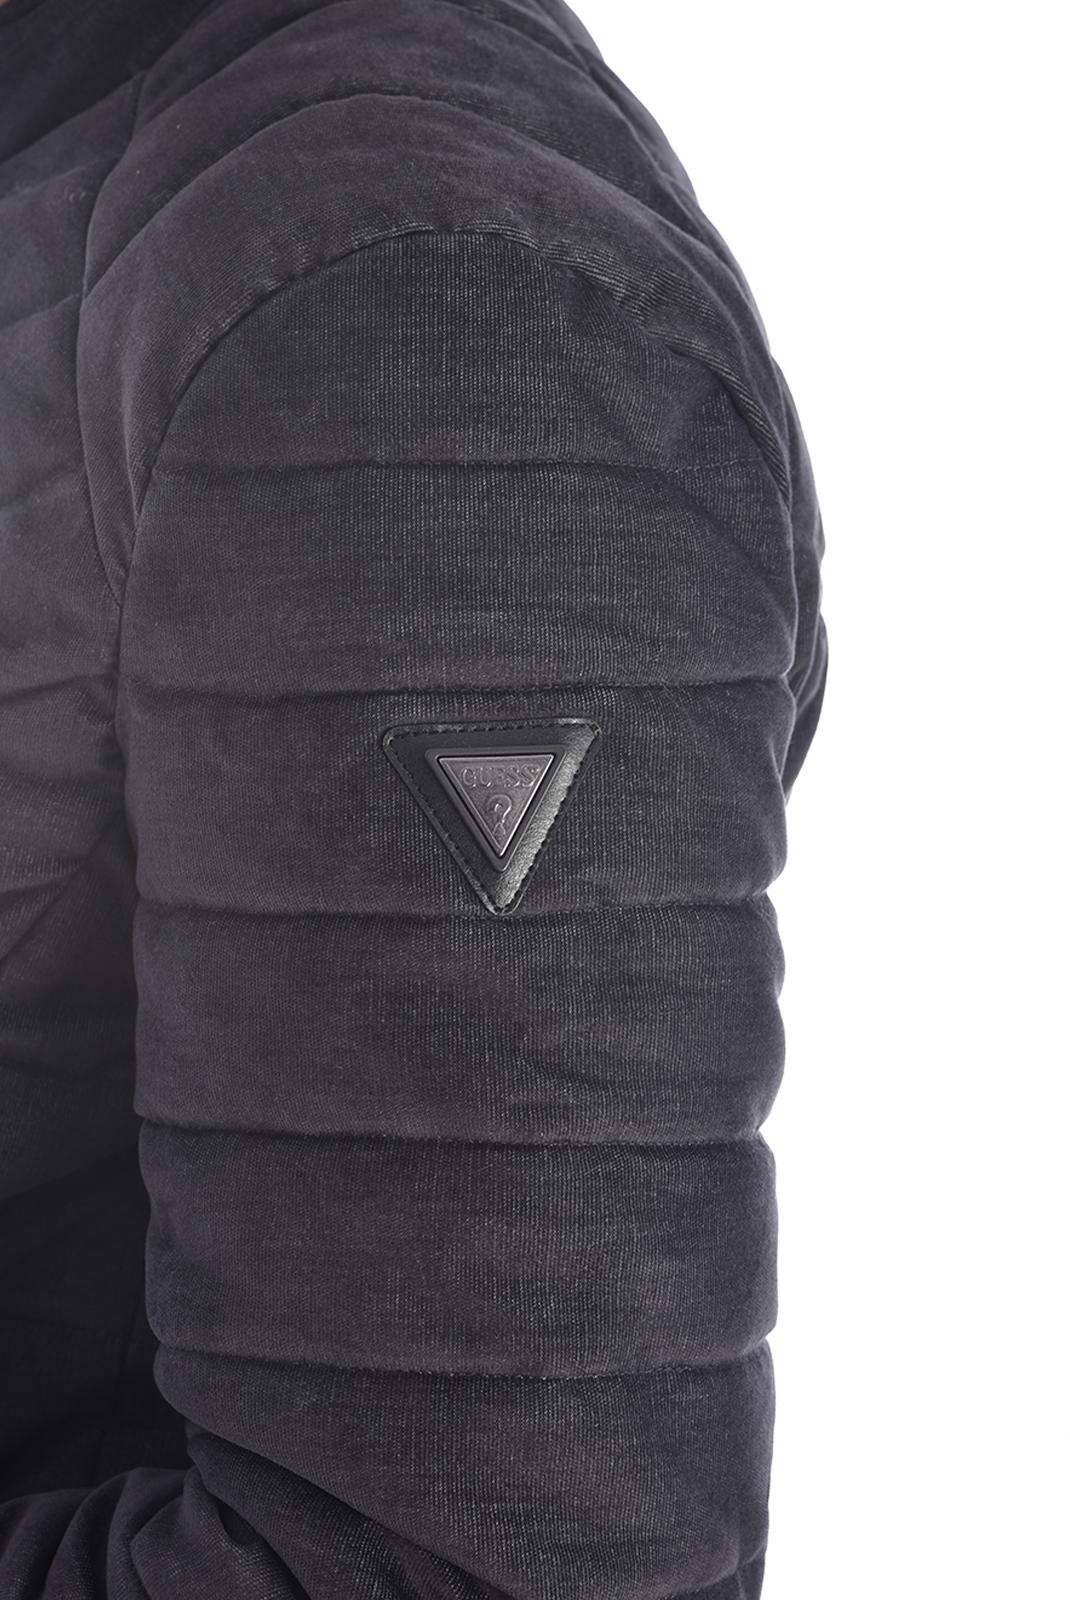 Blousons / doudounes  Guess jeans M94L05 WCAE0 G969 NEW ASPHALT